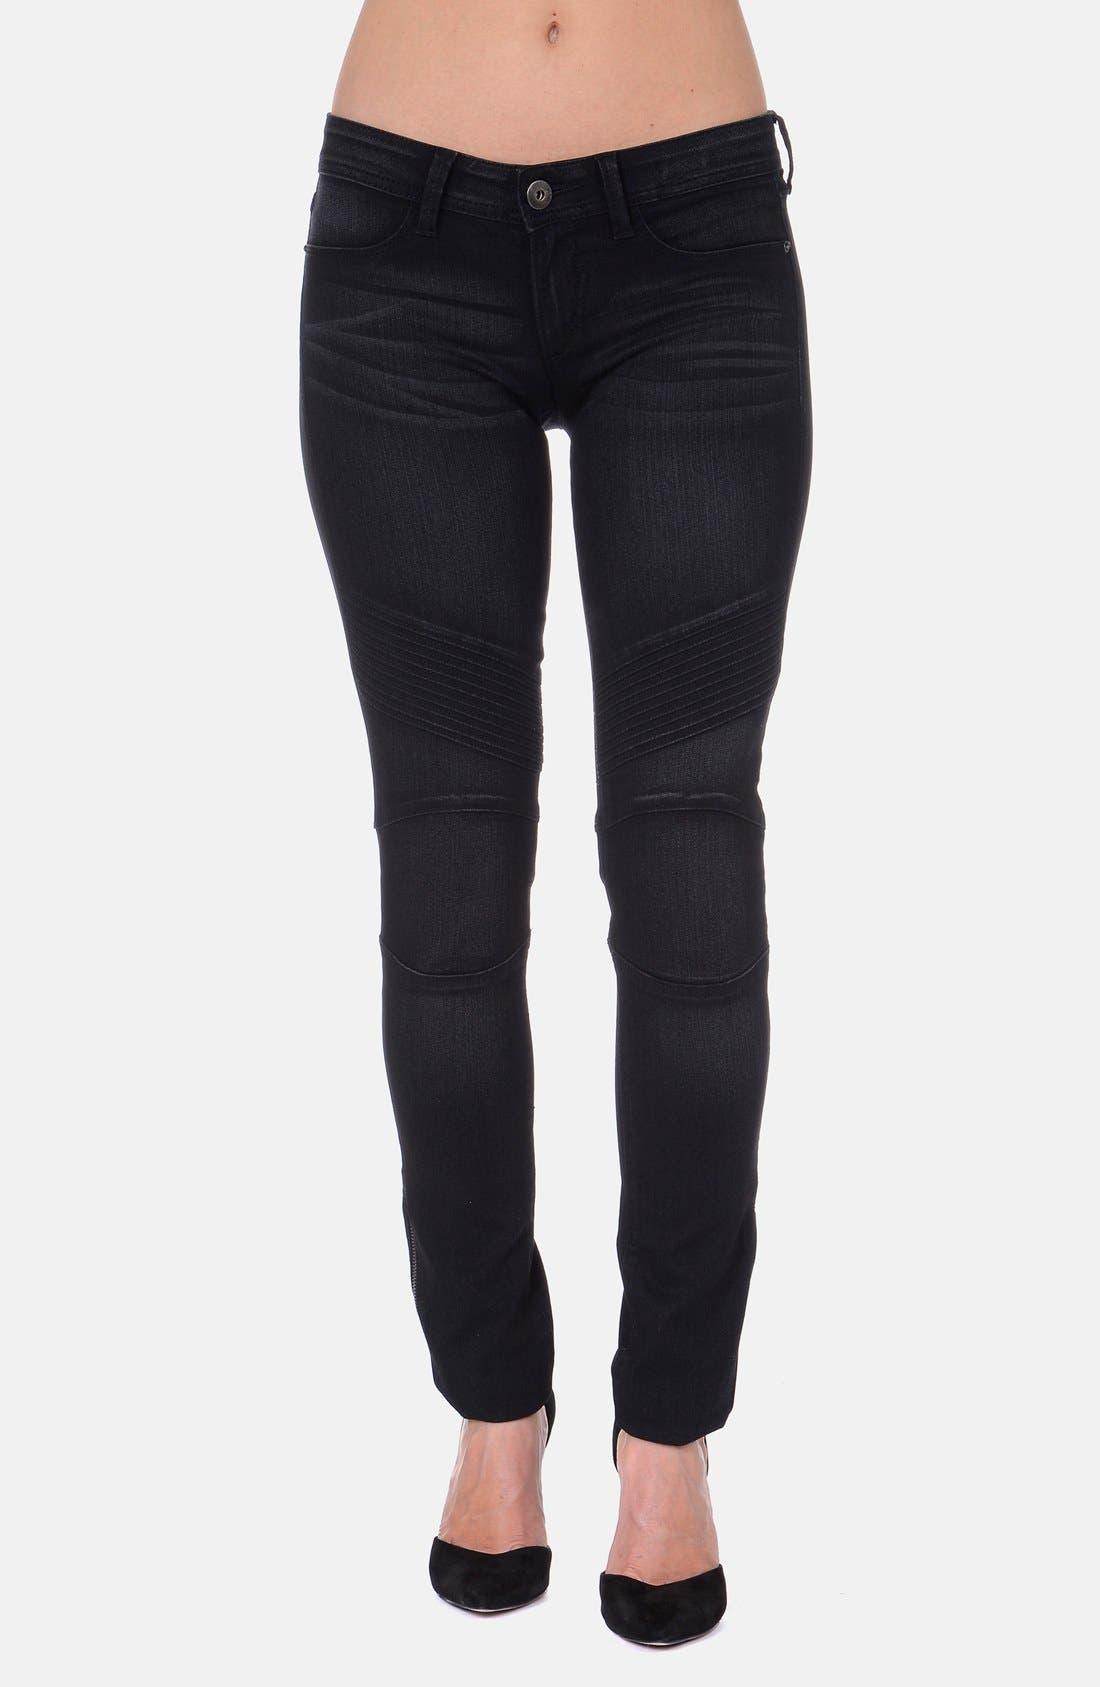 Alternate Image 1 Selected - DL1961 'Hazel' Moto Skinny Jeans (Harley)